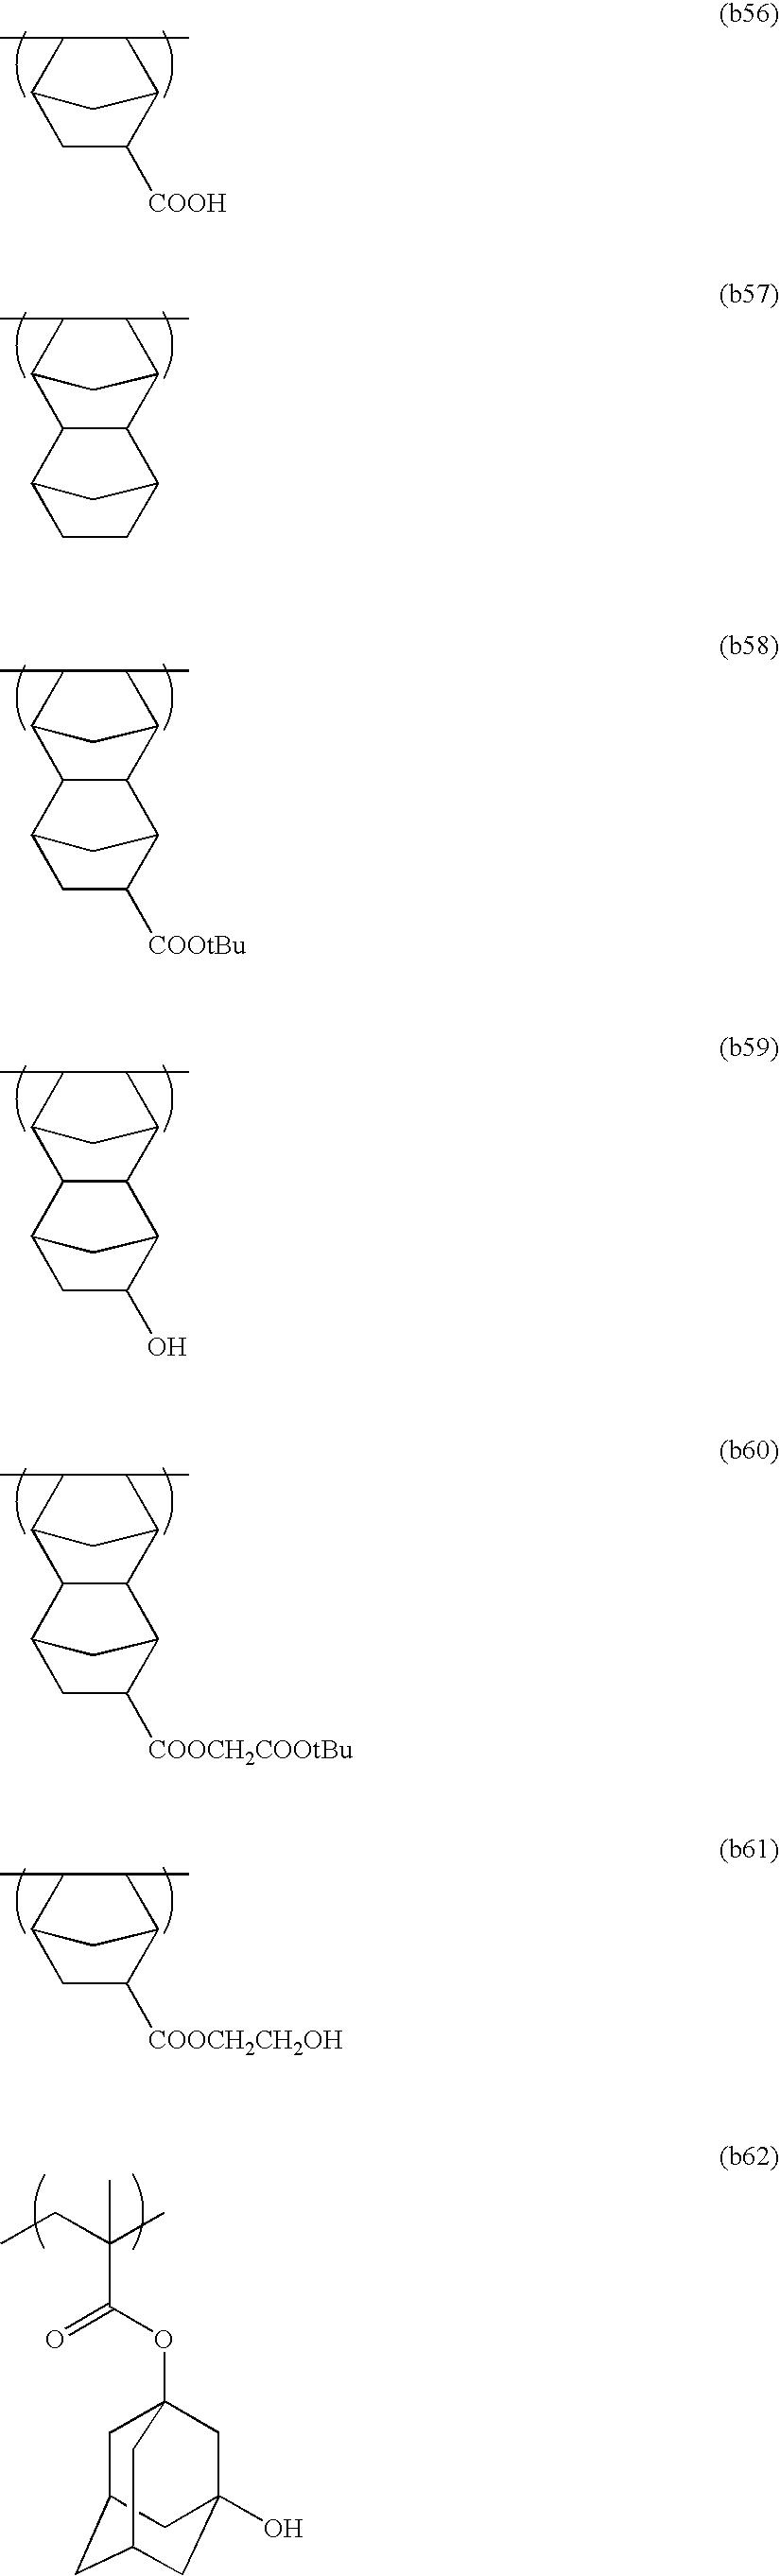 Figure US20070003871A1-20070104-C00075